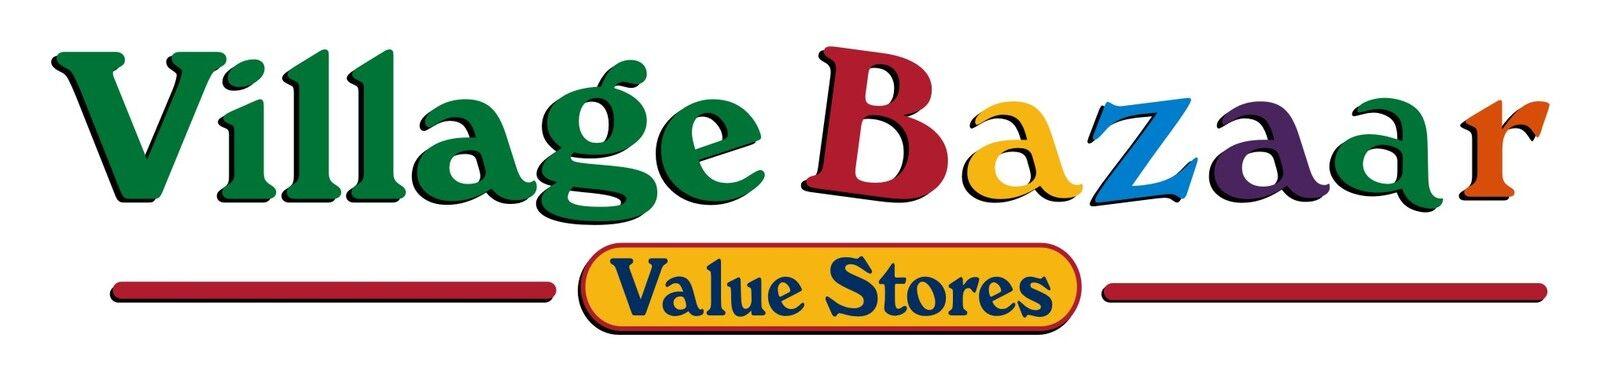 Village Bazaar Value Stores